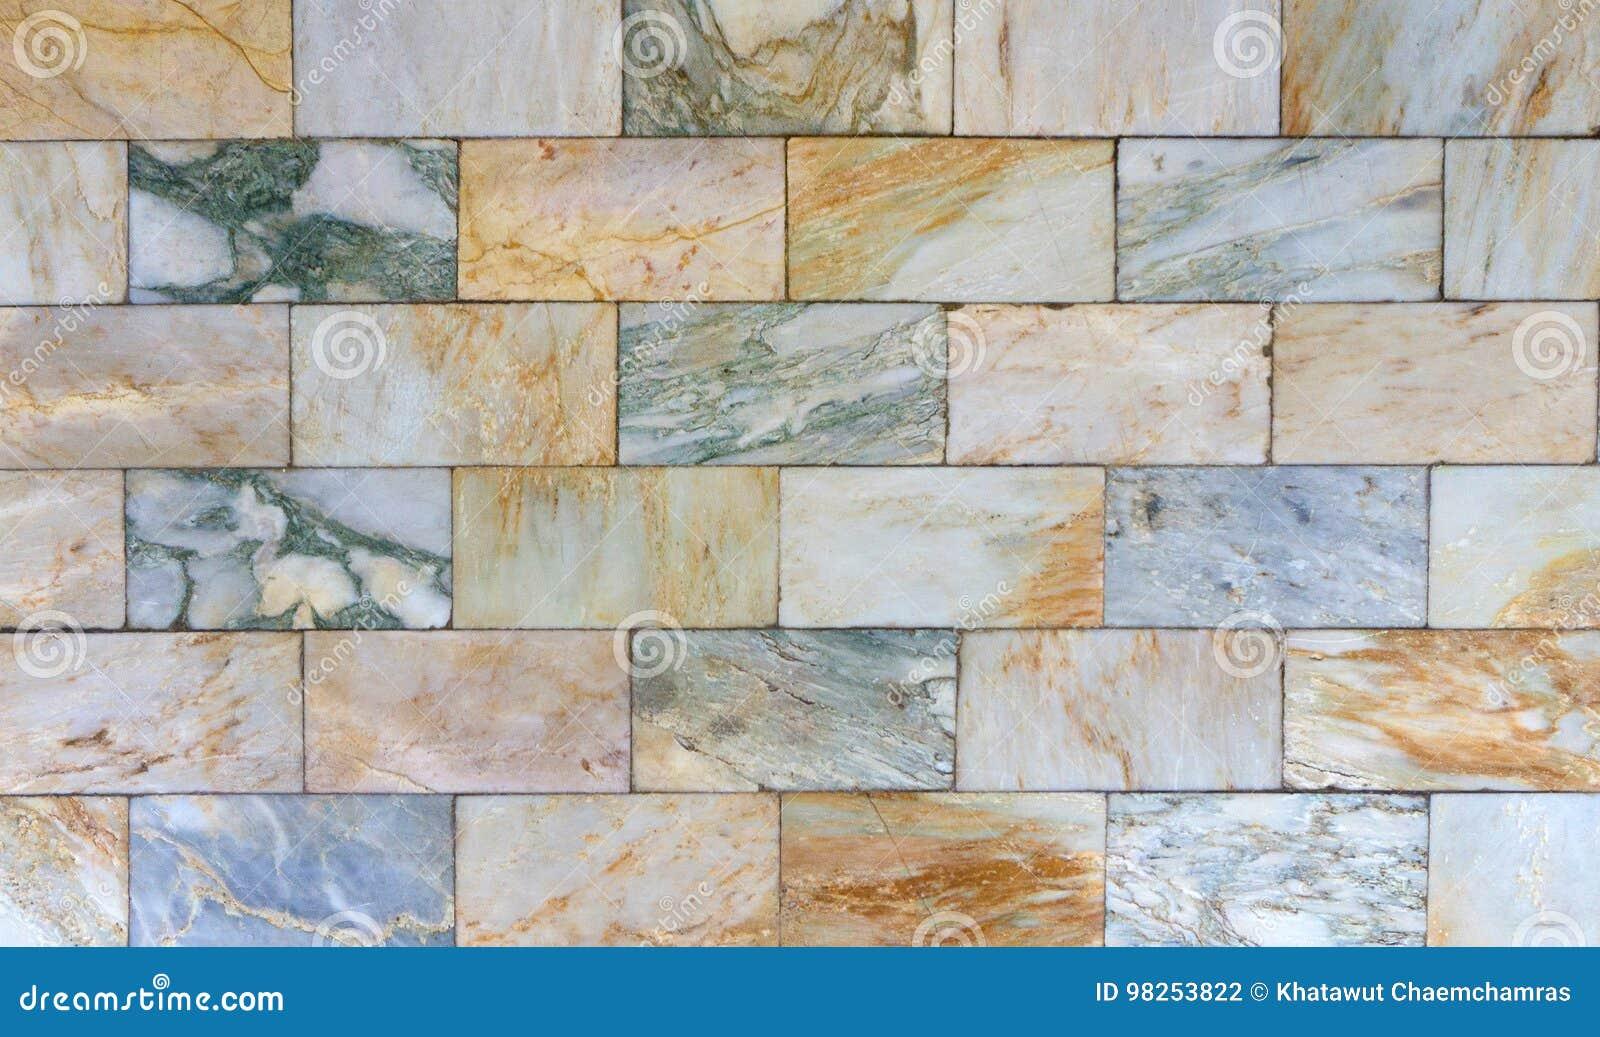 Decorazione Pareti Bagno : Fondo di marmo usato per la decorazione della parete e bagno inter